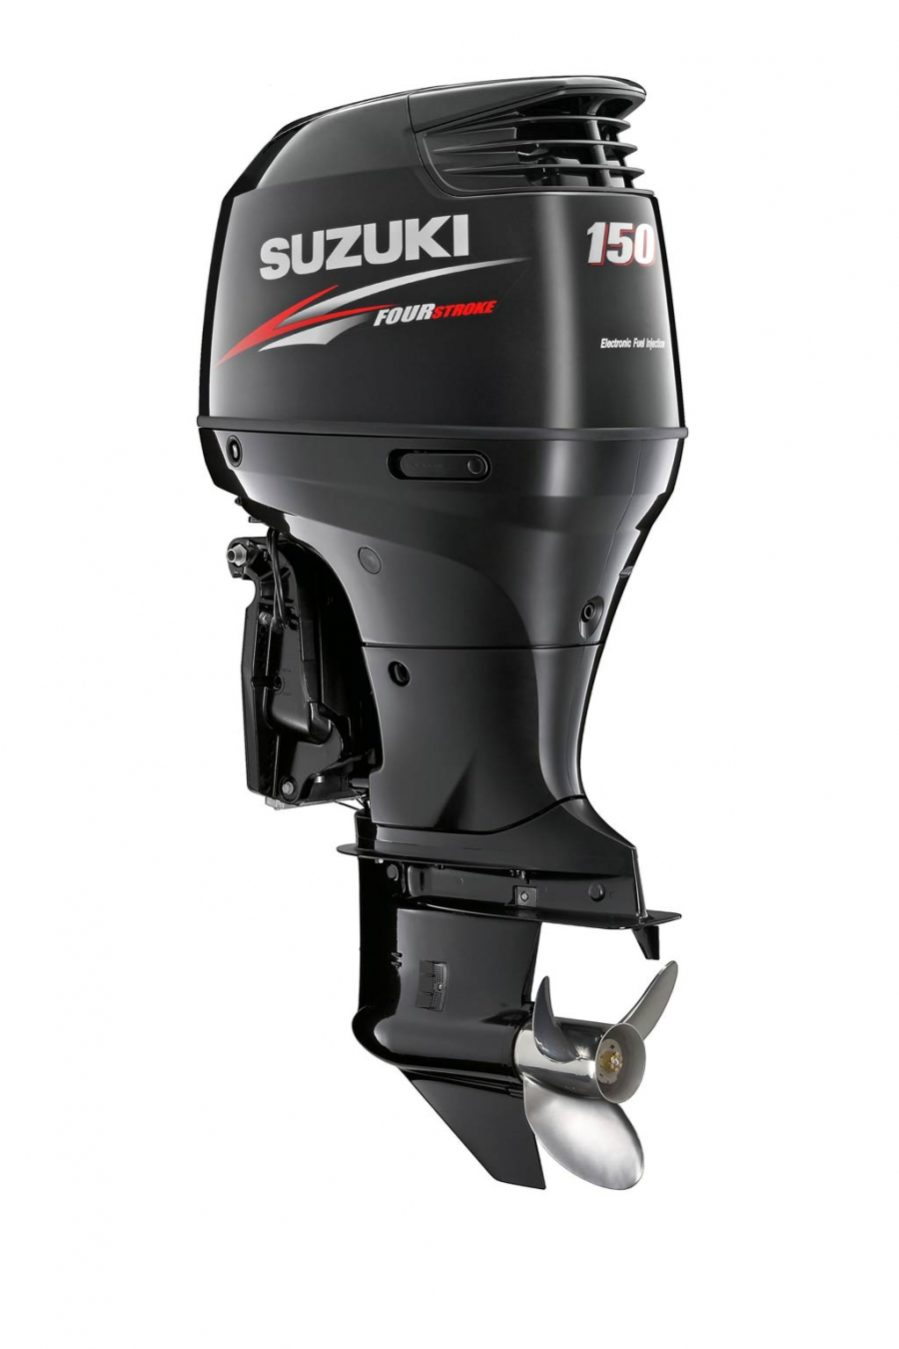 DF 150APL Suzuki